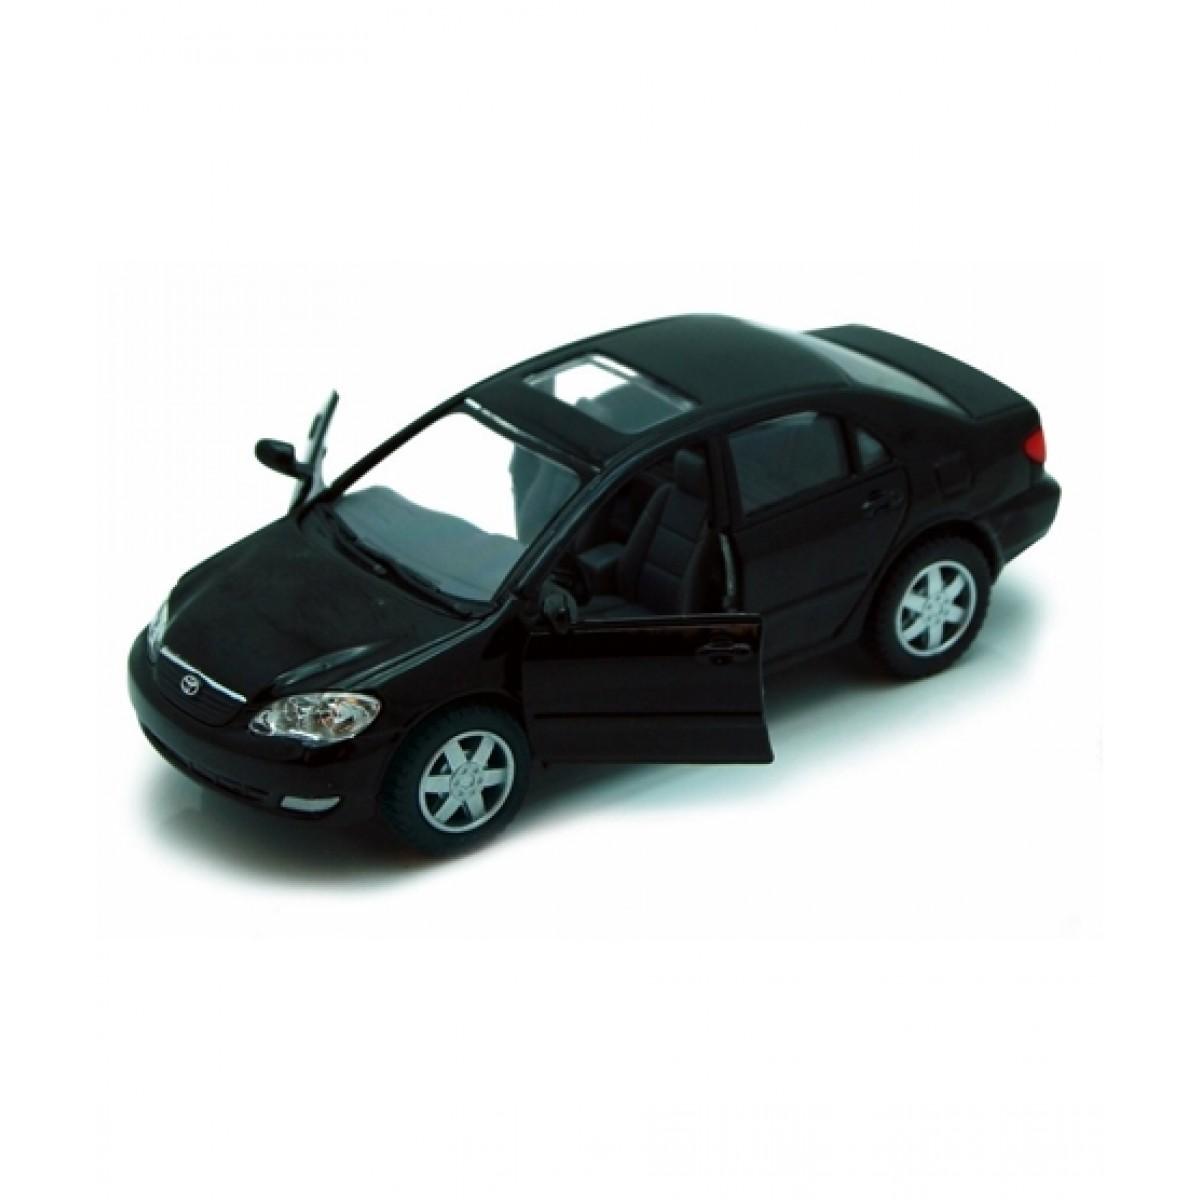 Kharedloustad Car Toy For Kids Price In Pakistan Buy Kharedloustad Toyota Corolla Car Die Cast Open Door Toy For Kids Ishopping Pk